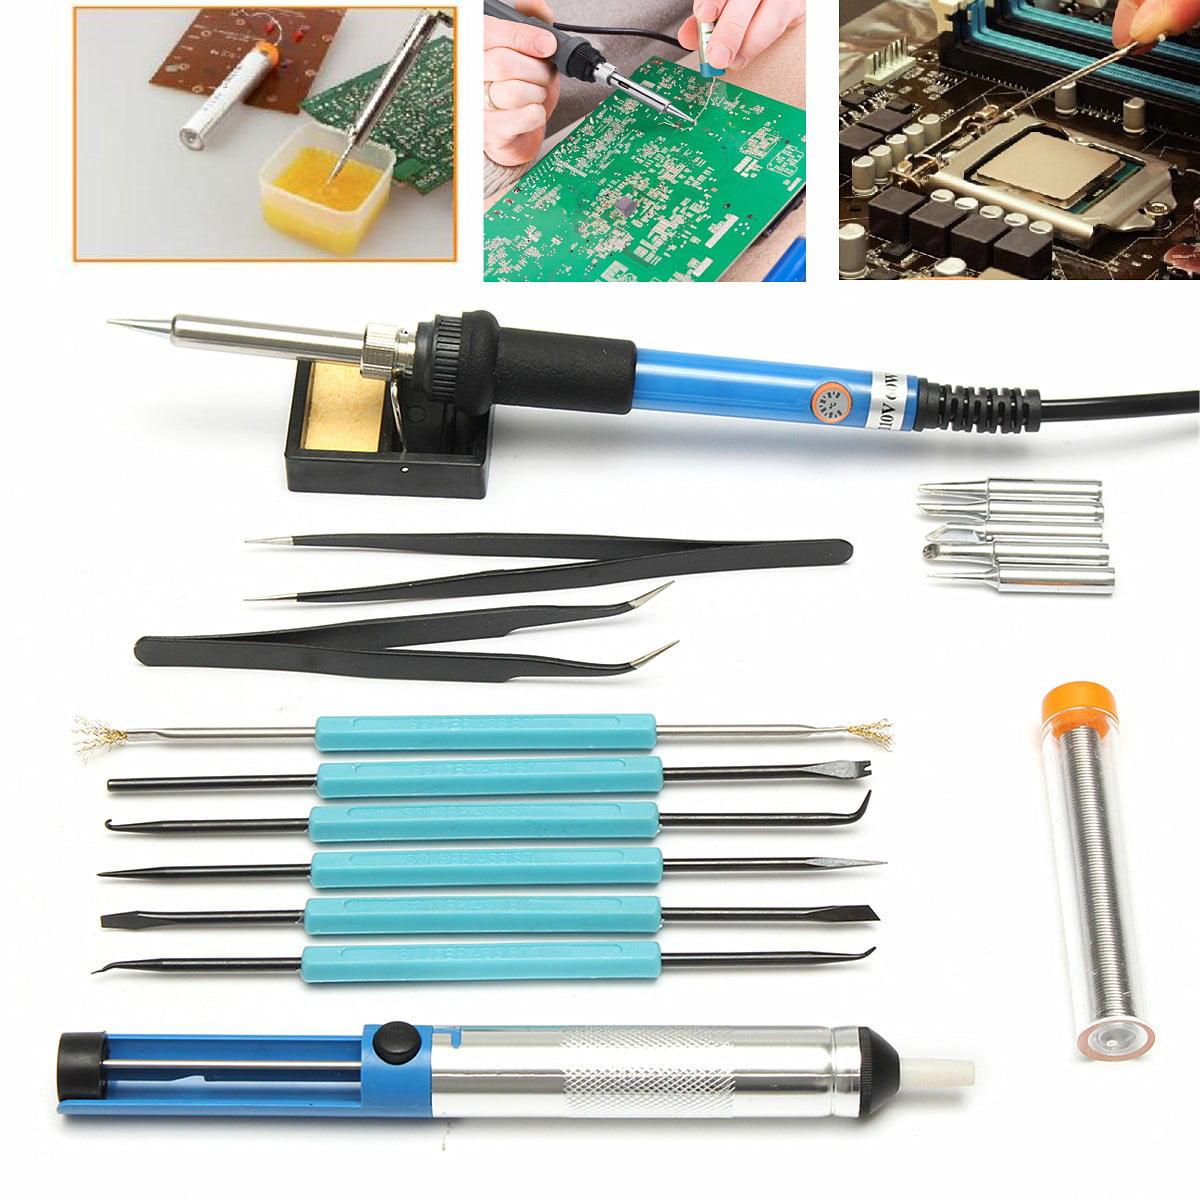 60W 110V Adjustable Electric Soldering Iron Kit  Solder Assist Knif?e +Fork +Solder+  Squeeze head+ hook+Brush+Needle